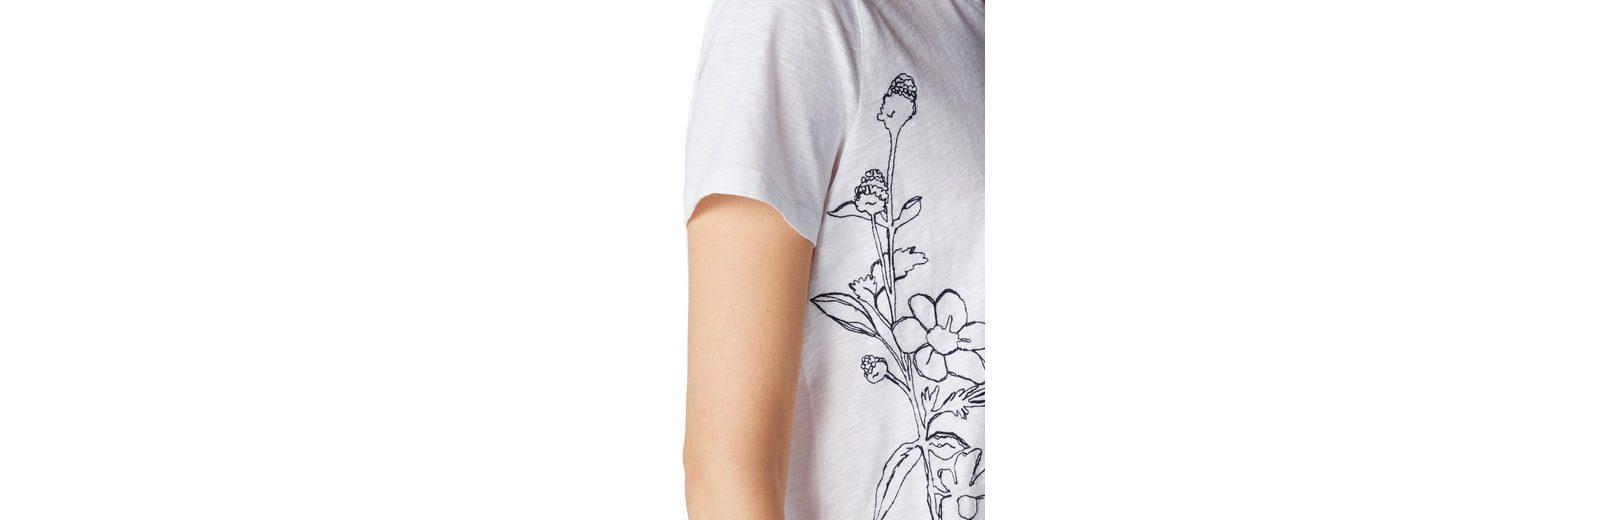 Kaufen Preiswerte Qualität Marc O'Polo T-Shirt Händler Online Erhalten Authentisch Zu Verkaufen Besuchen Online-Verkauf Neu k9eq9Zq30